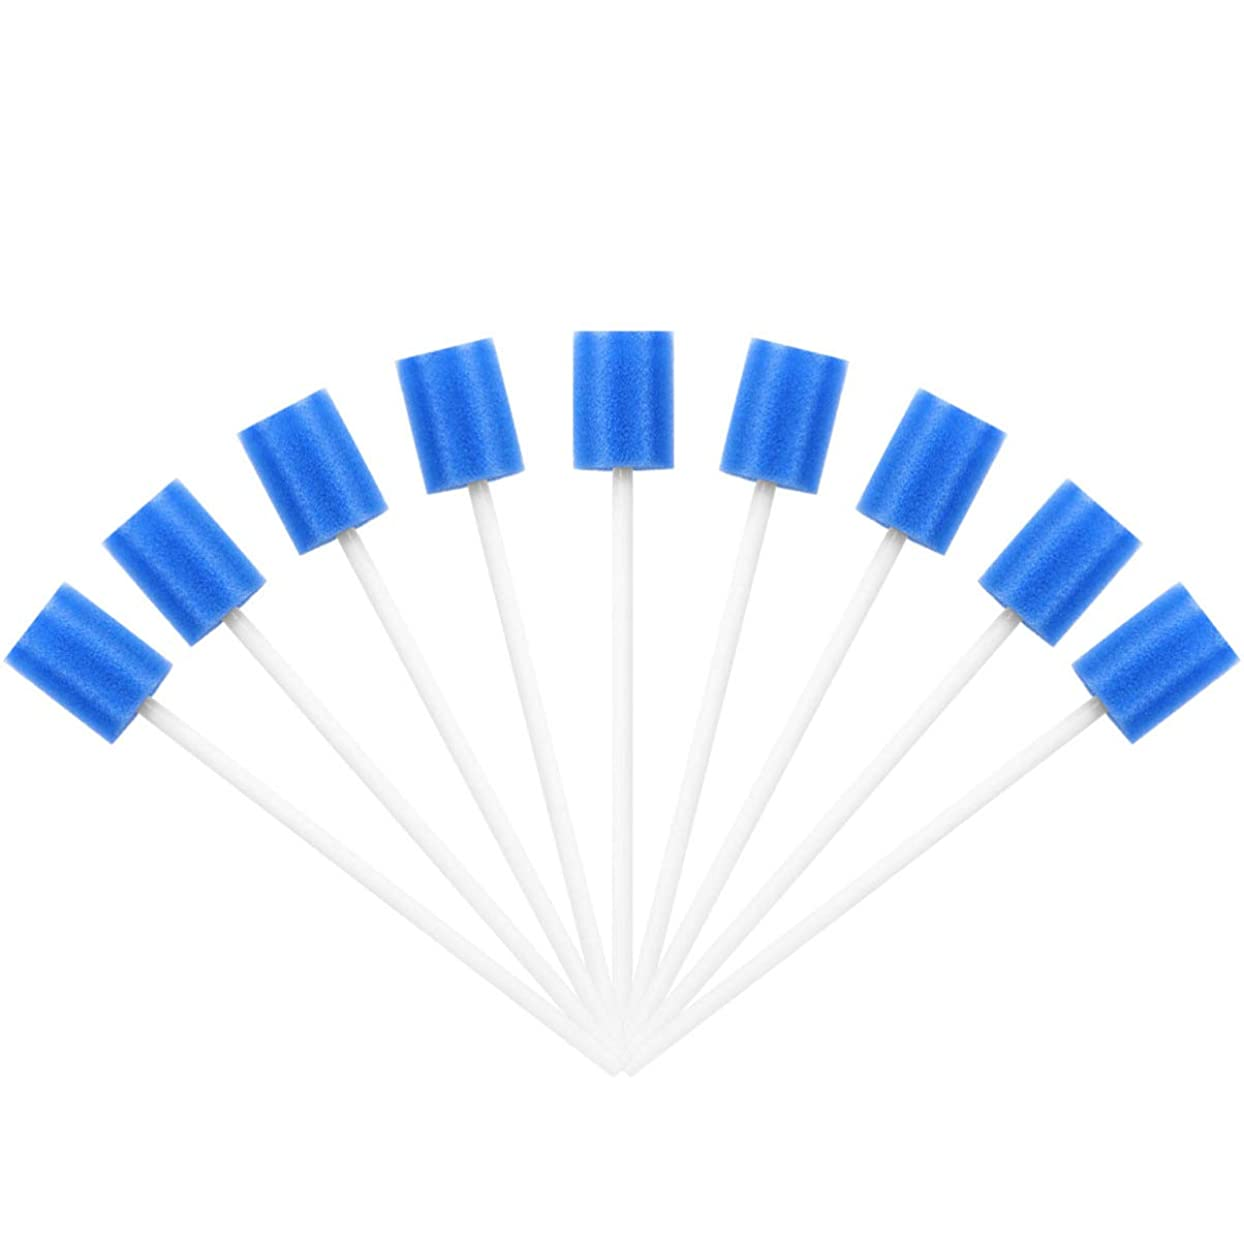 噛む伝記ハイランドHEALLILY 口腔スワブ200個使い捨て口腔スポンジスティック歯のケアスポンジ歯のクリーニングスポンジスワブ男性と女性の歯の口腔洗浄(青)